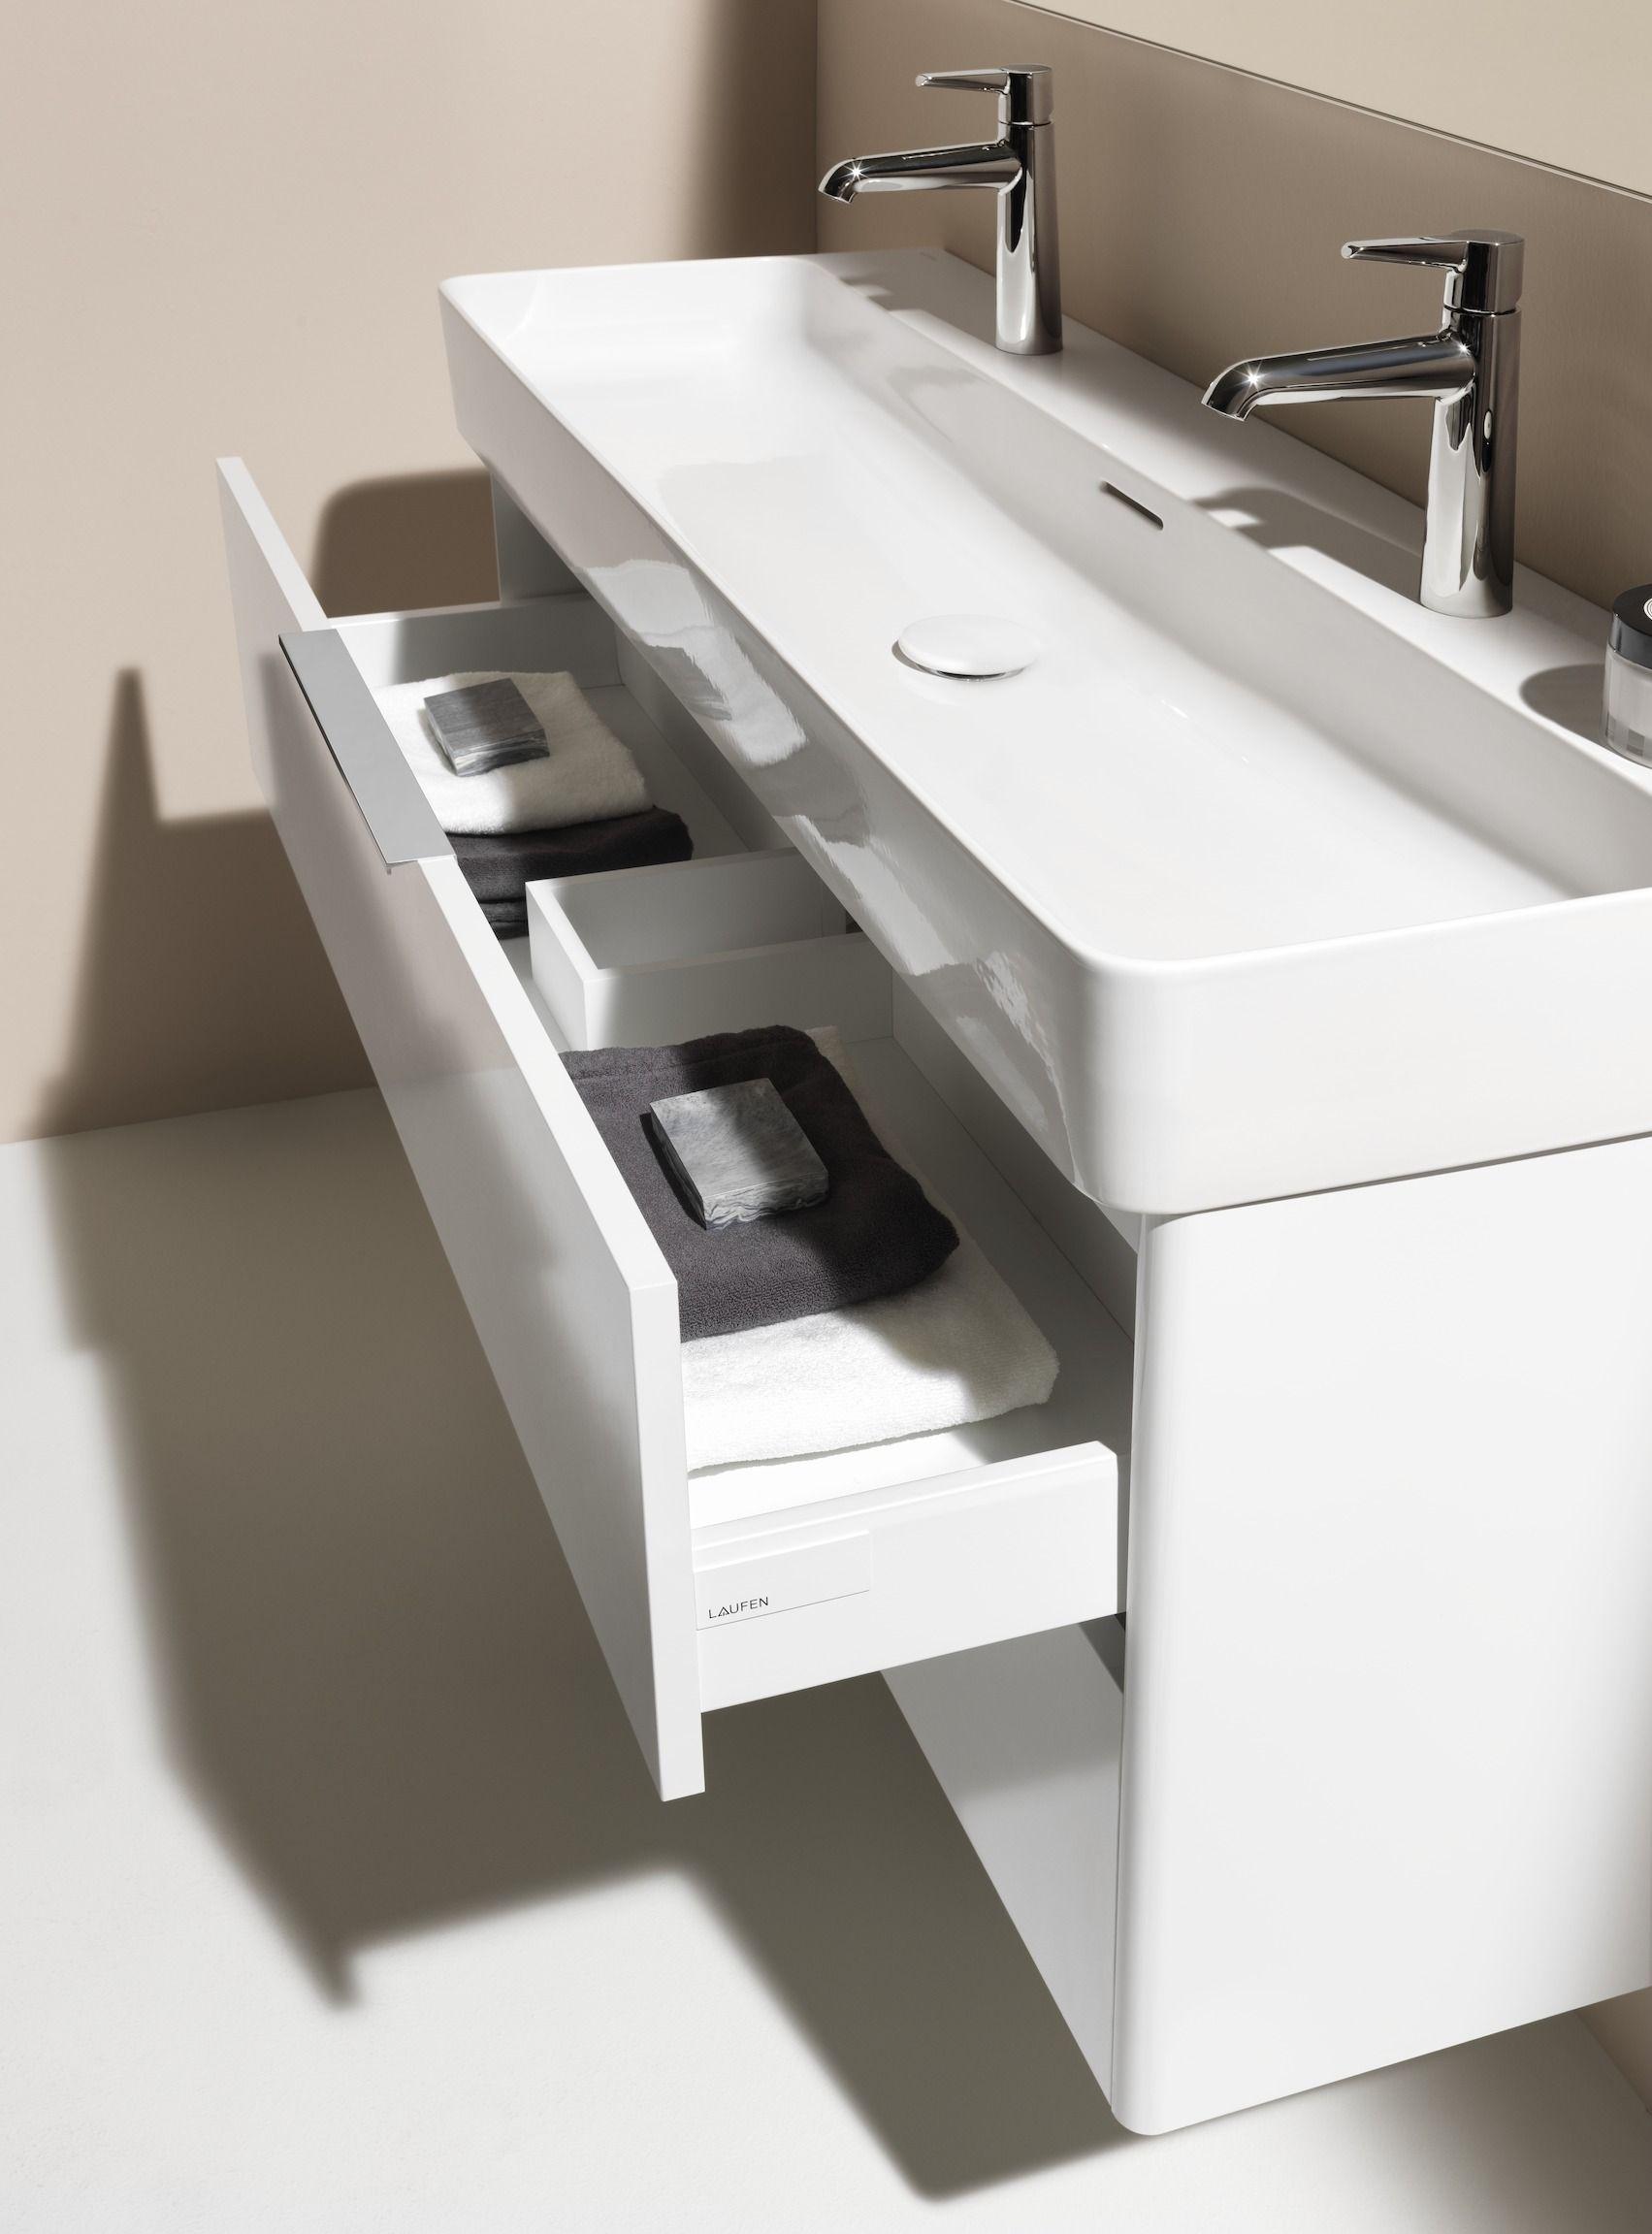 Laufen Base F R Val Waschtischunterschrank 2 Schubladen F R